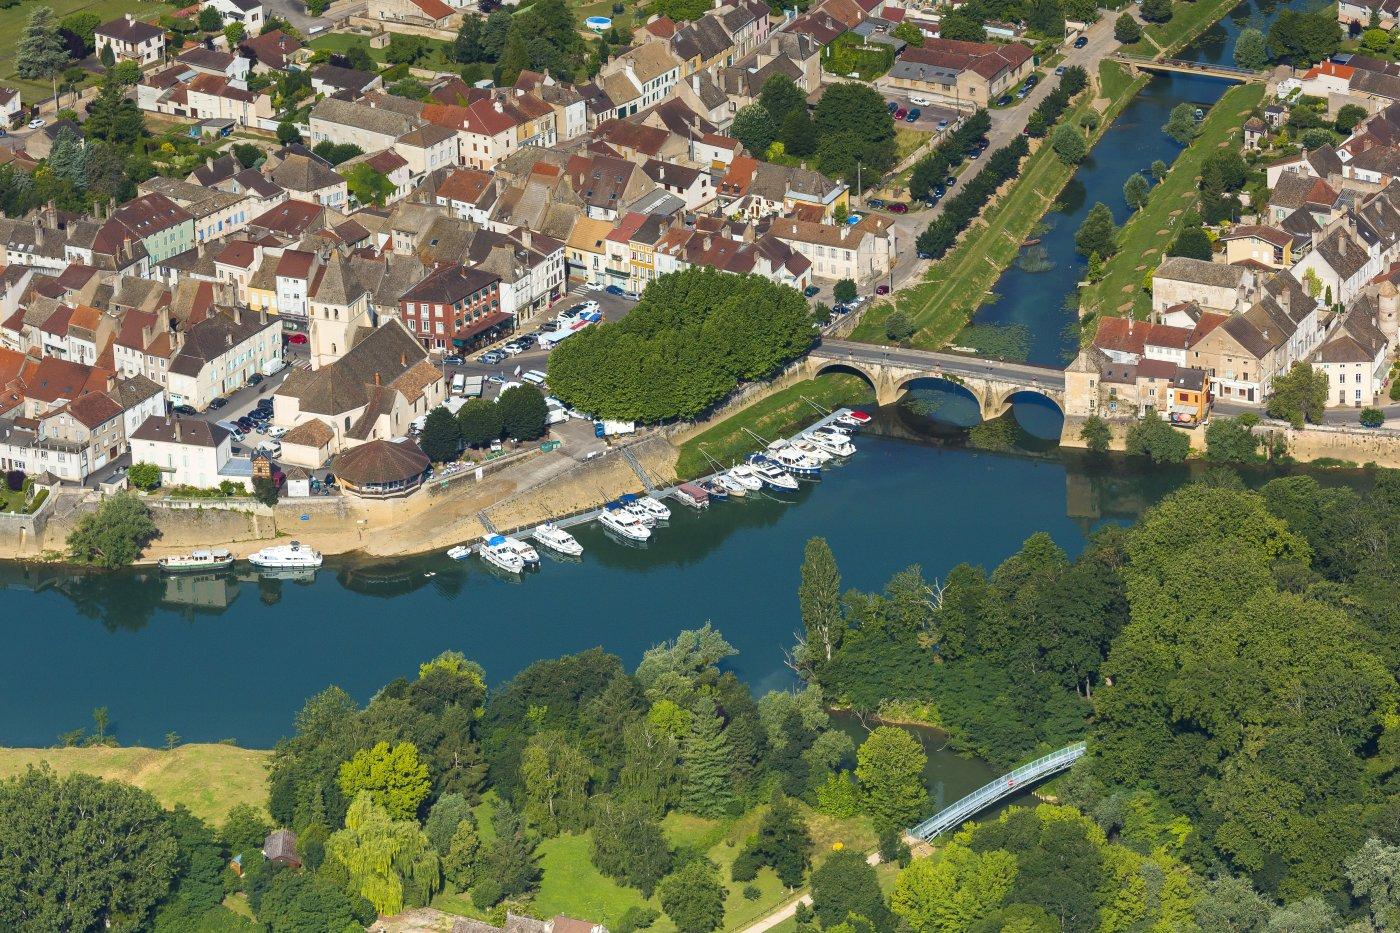 destination-saone-et-loire-region-abrite-de-nombreux-sites-meritent-detour